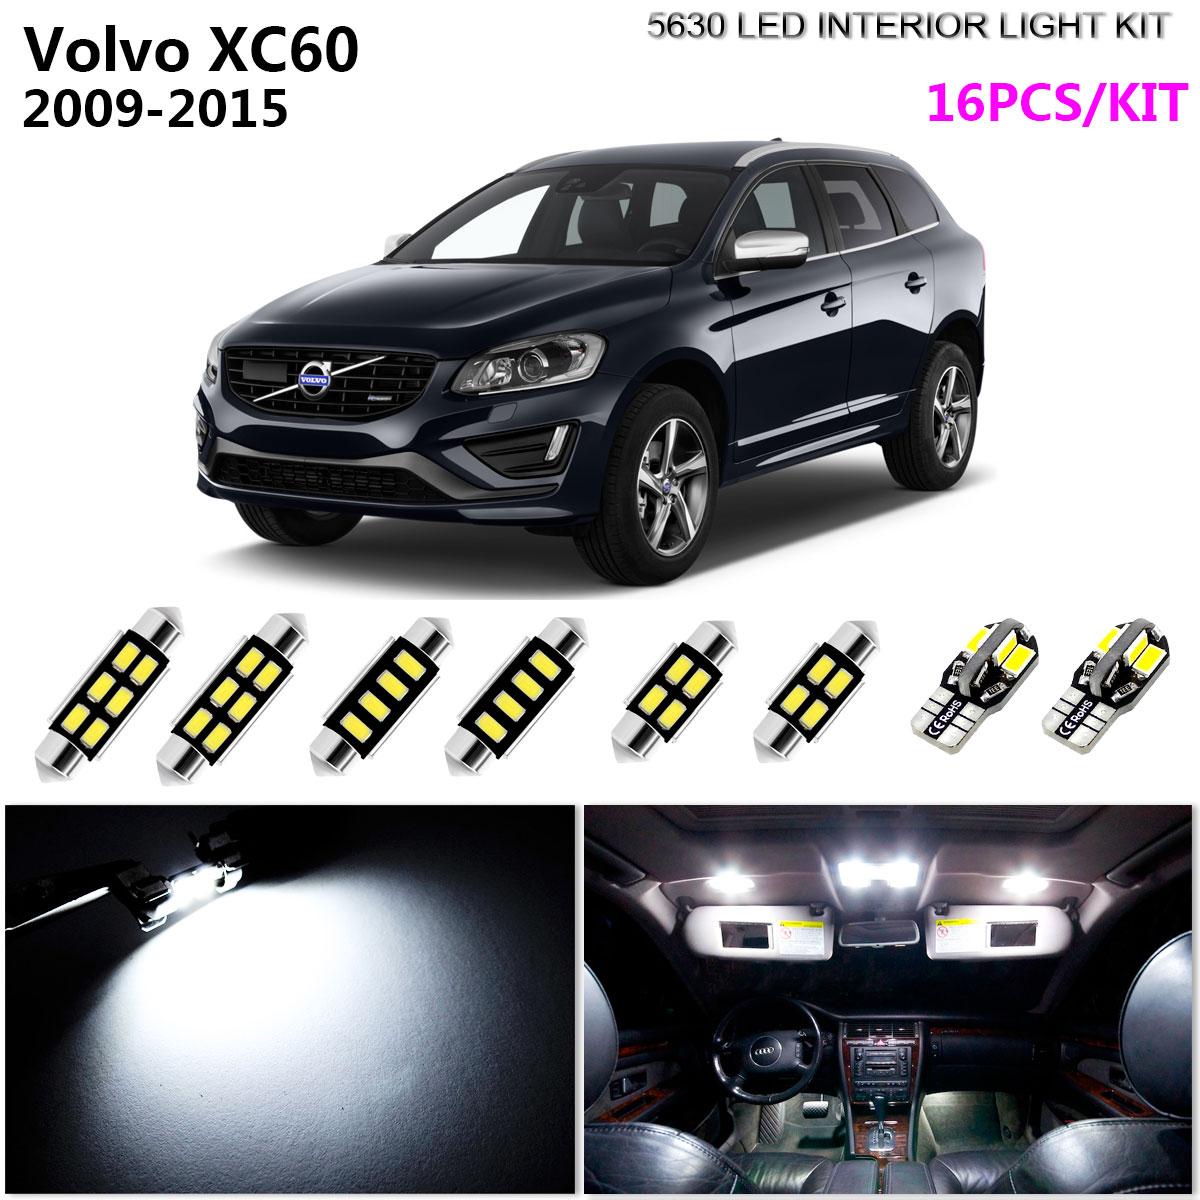 16 Bulbs Super White LED Interior Light Kit Package For Volvo XC60 2009-2015